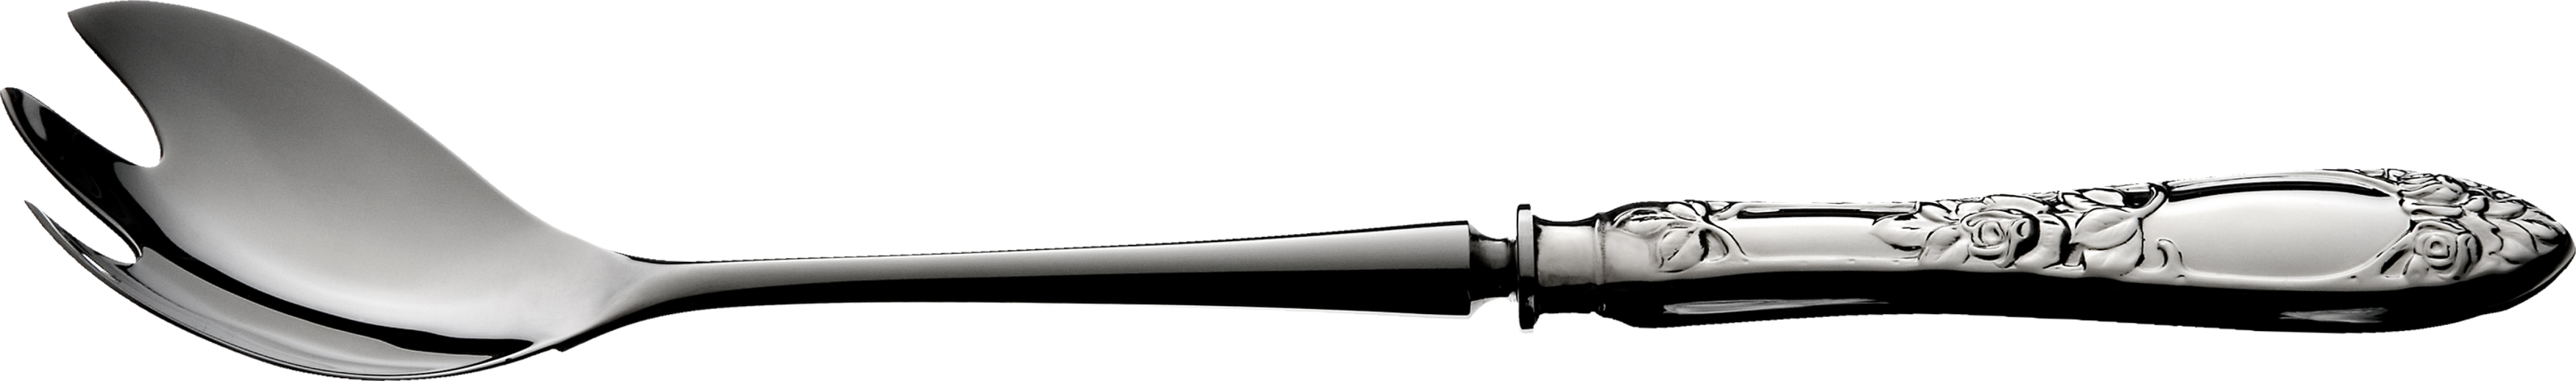 Salatgaffel med stålklinge, Opphøiet rose sølvbestikk